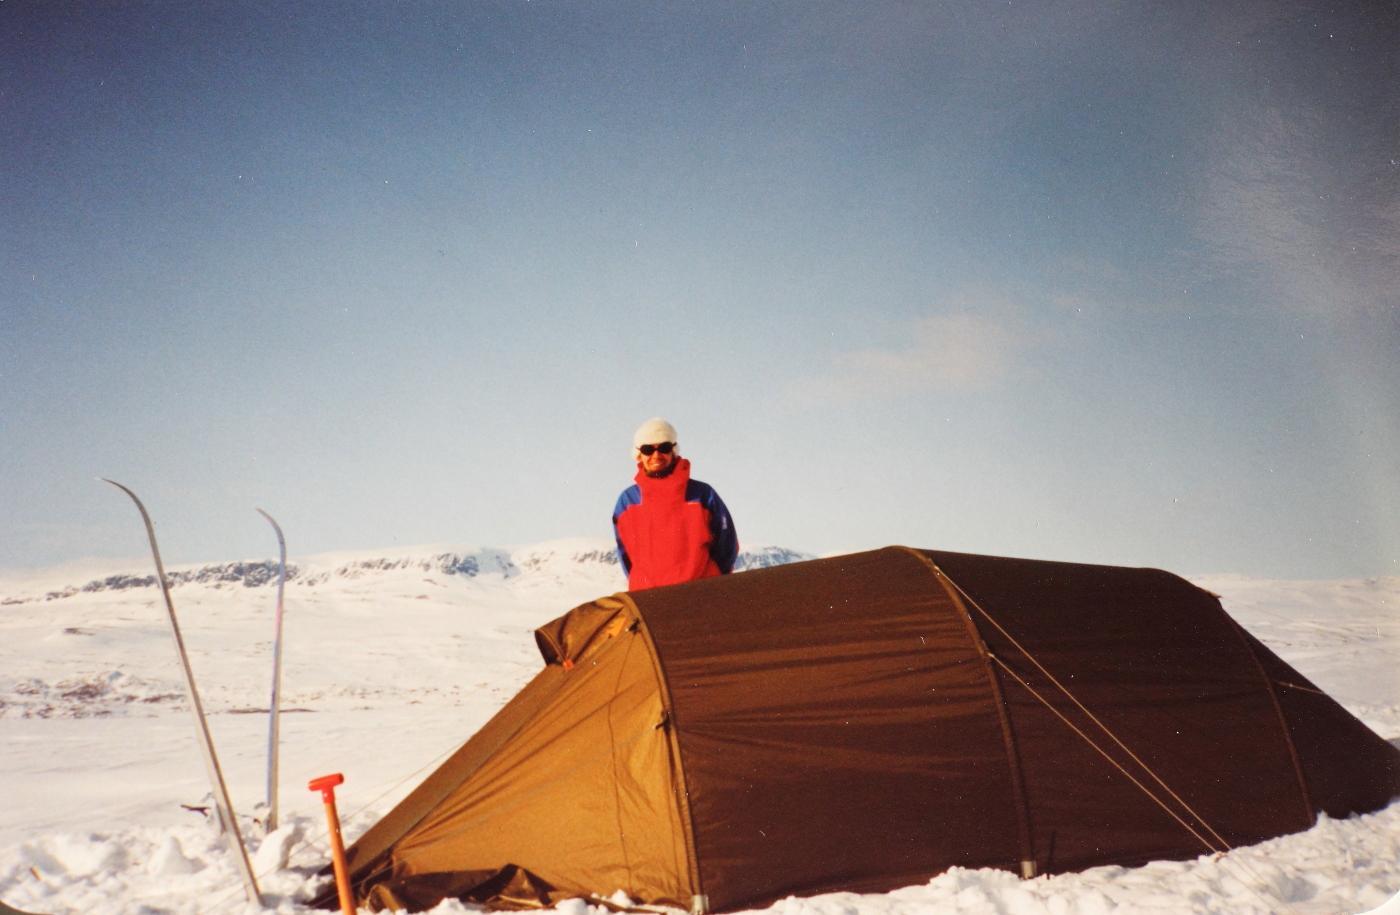 I filmens tid Turrapporter Fjellforum